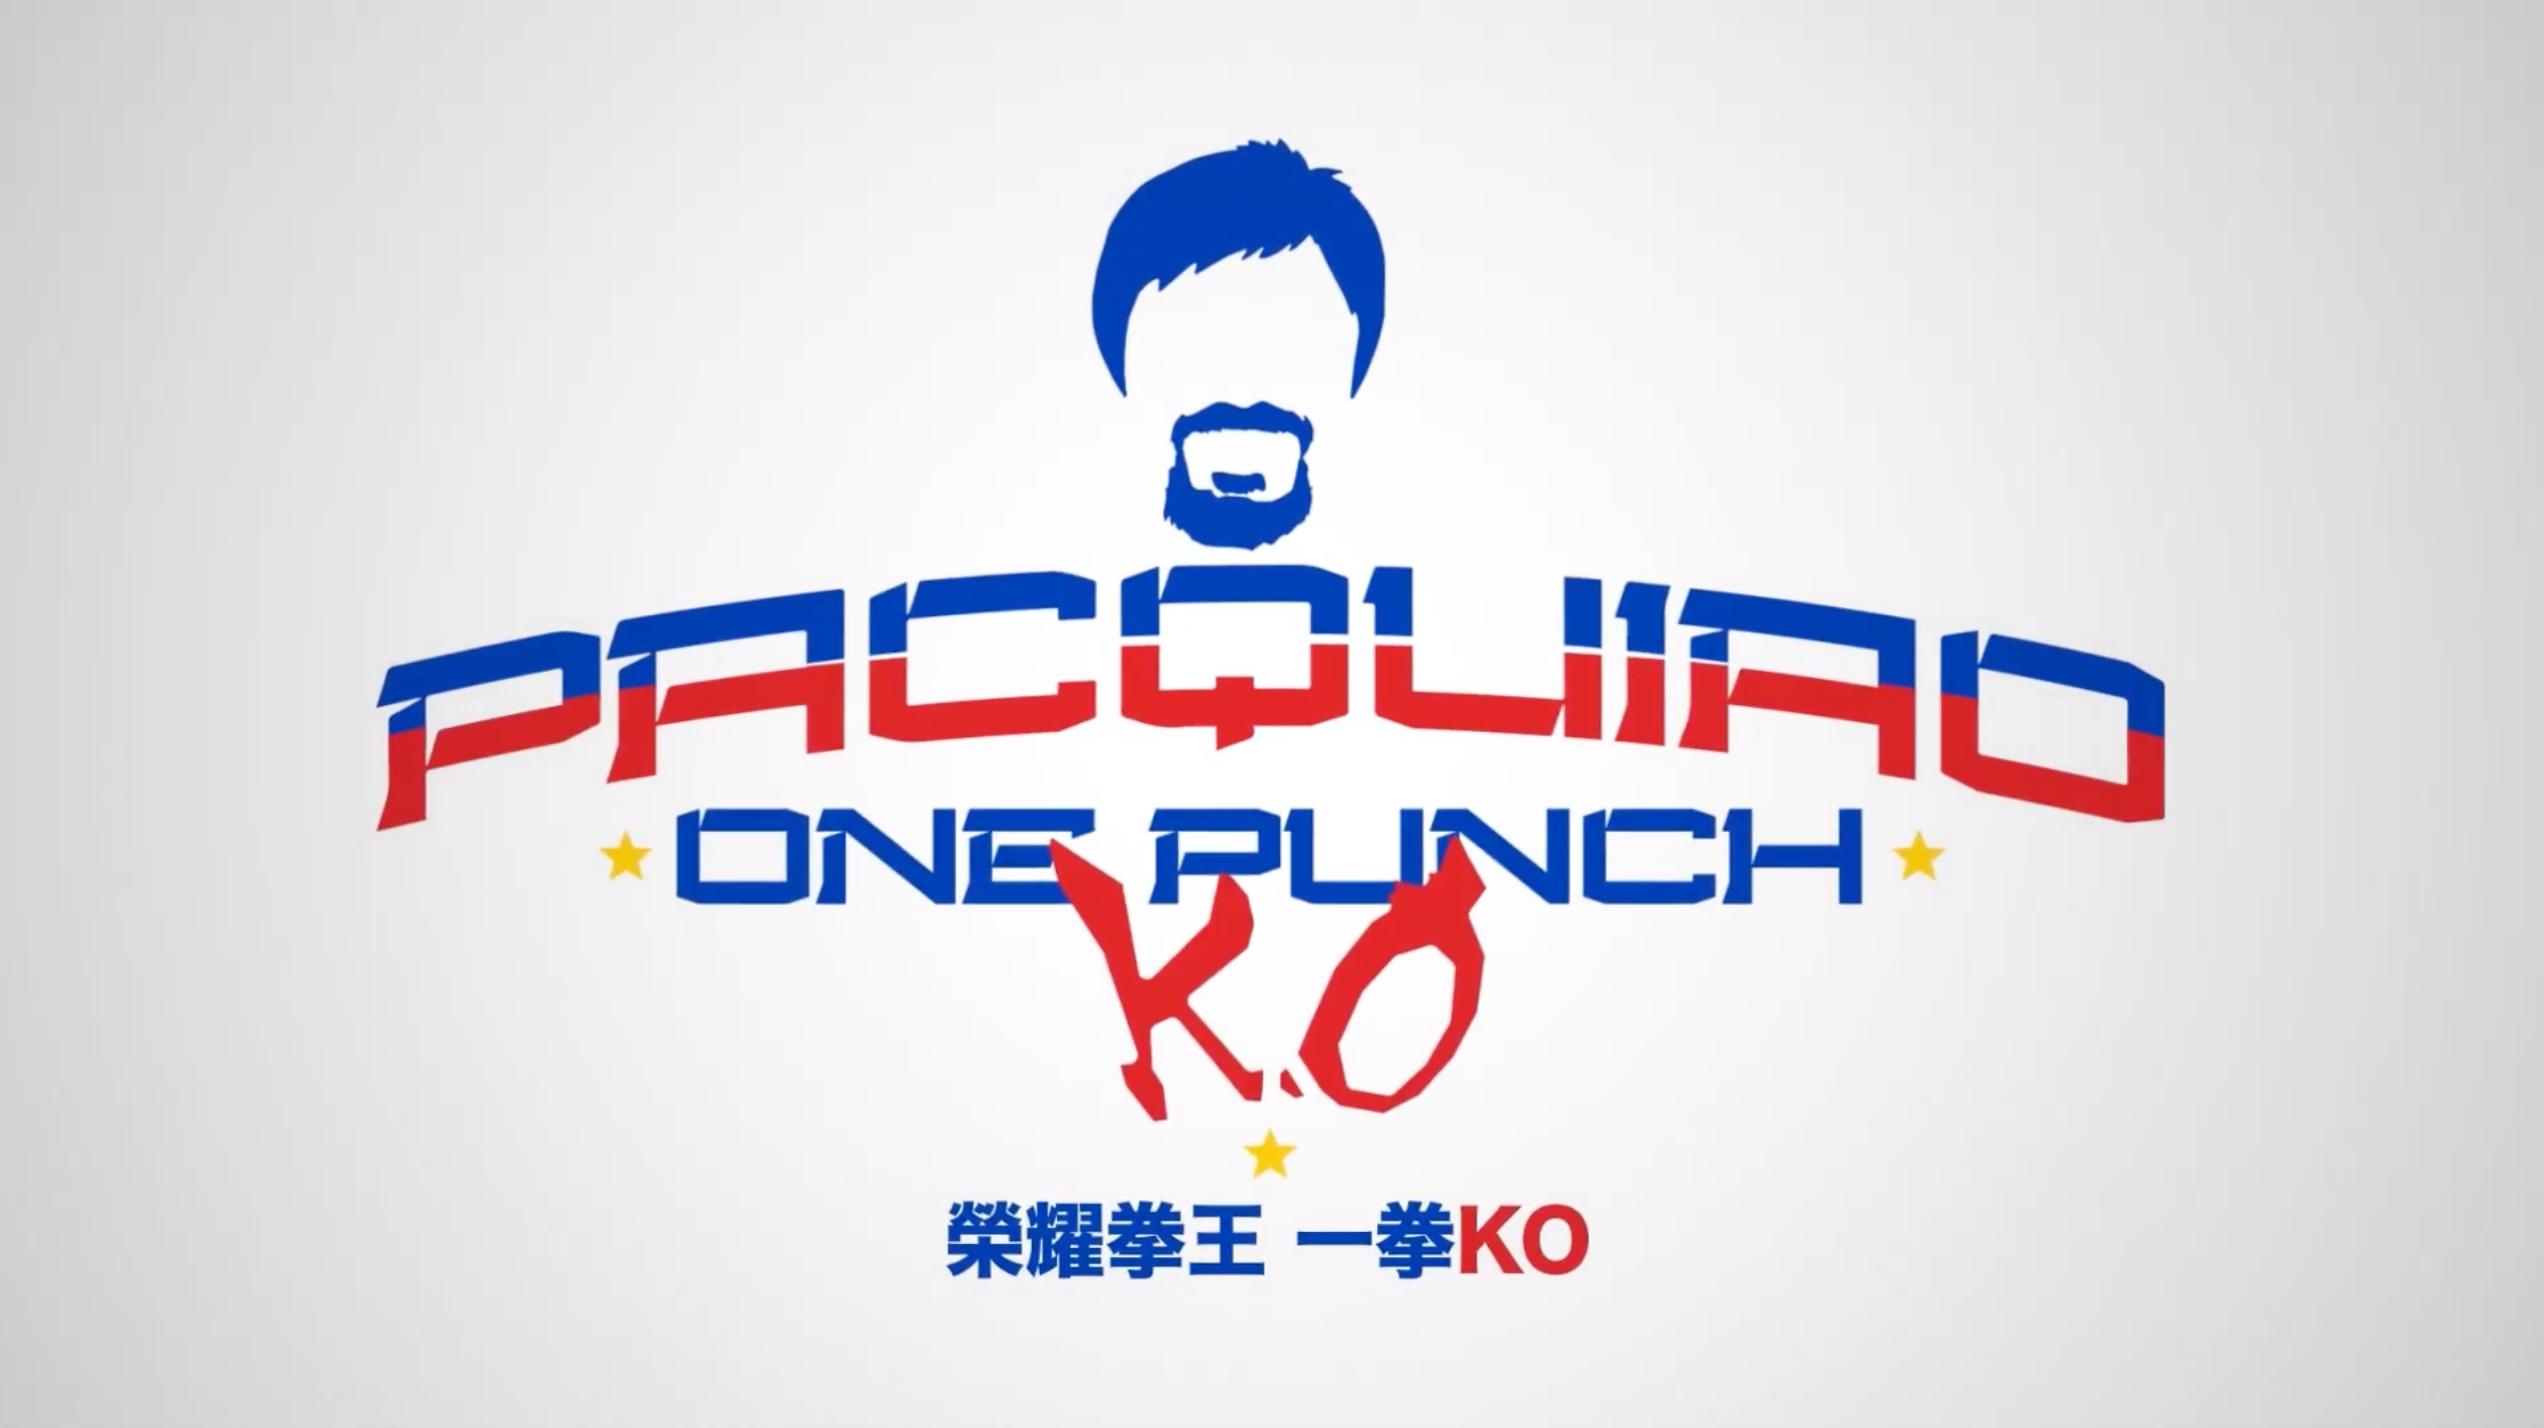 pacquiao one punch ko slot logo